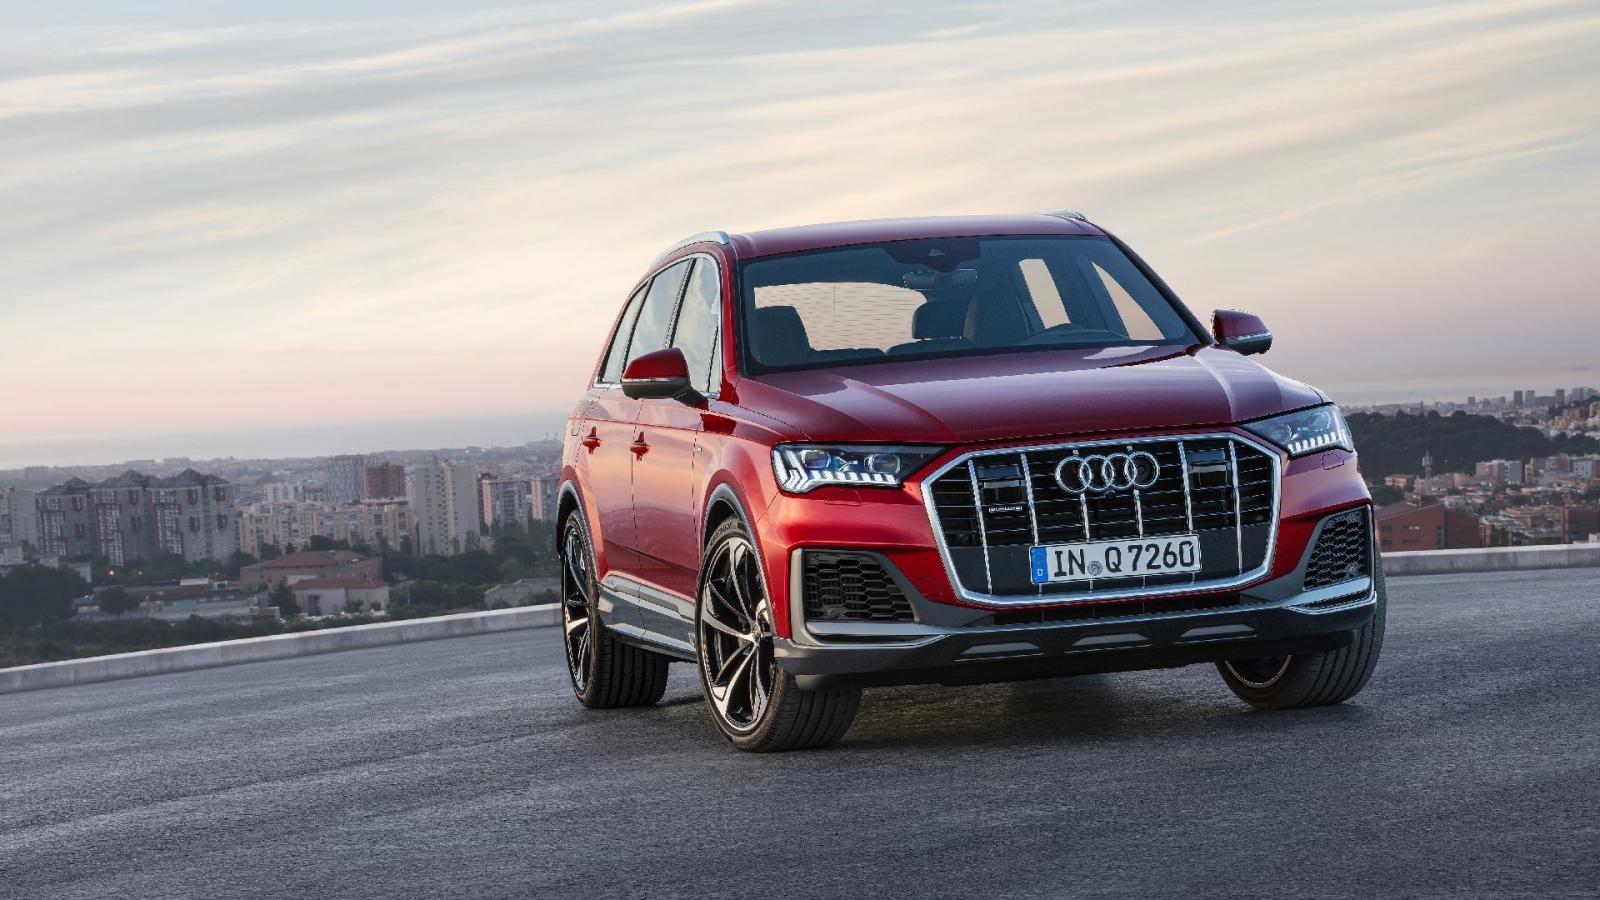 Hiện giá xe Audi Q7 2020 vẫn chưa được công bố